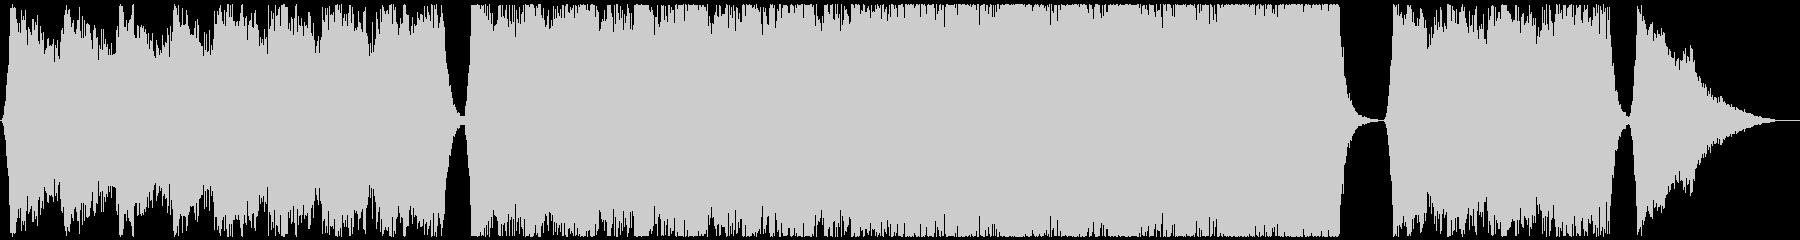 【予告編】エピックトレーラーの未再生の波形